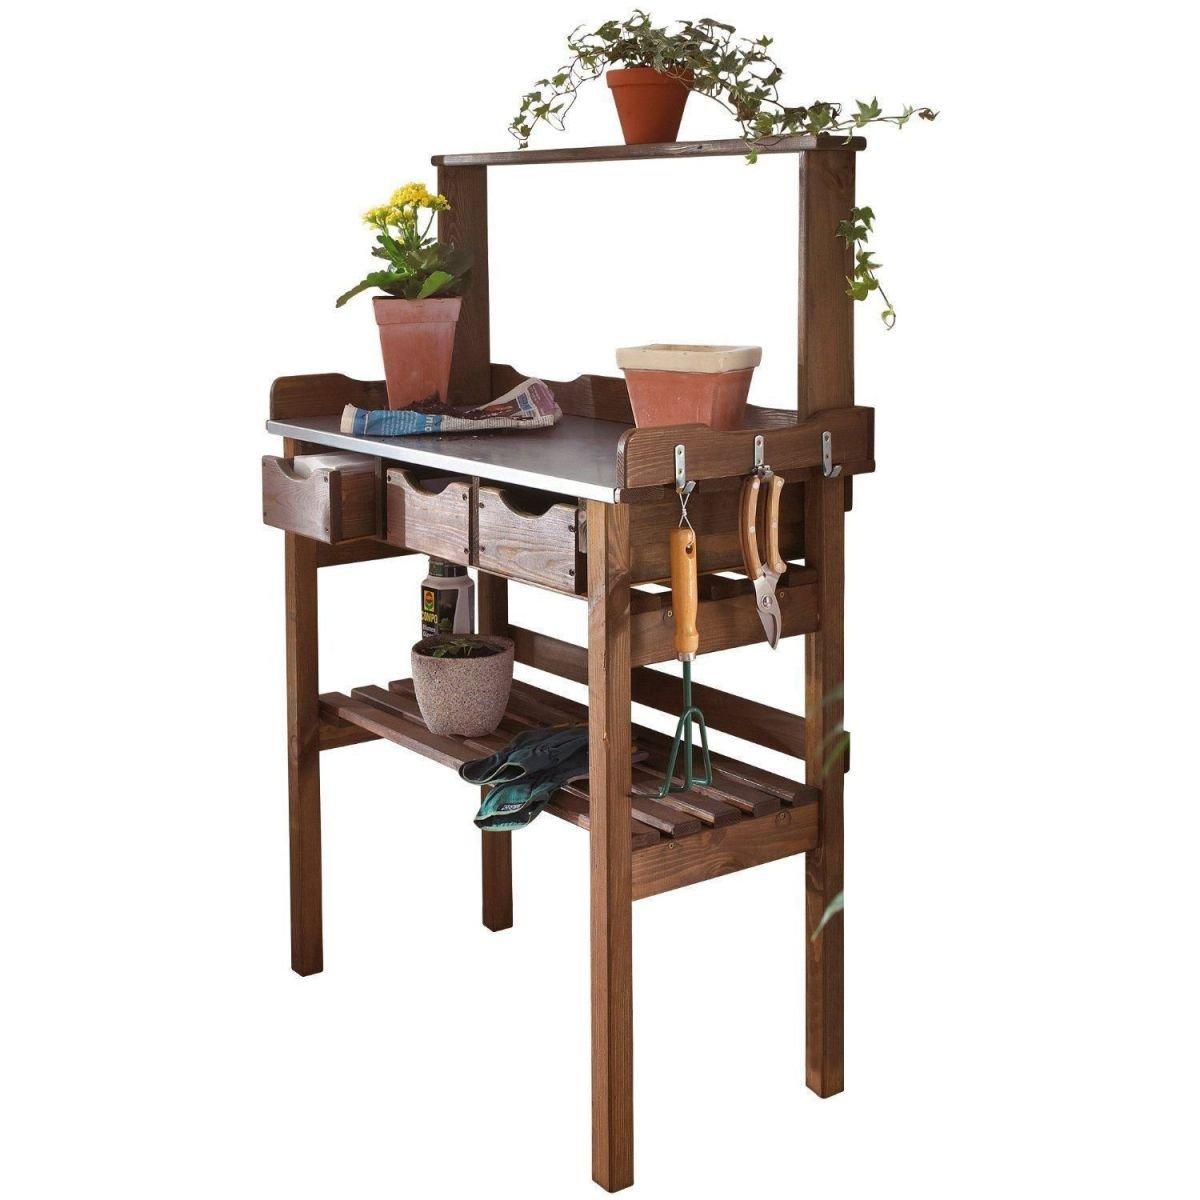 pflanztisch bequemes arbeiten im stehen gew. Black Bedroom Furniture Sets. Home Design Ideas